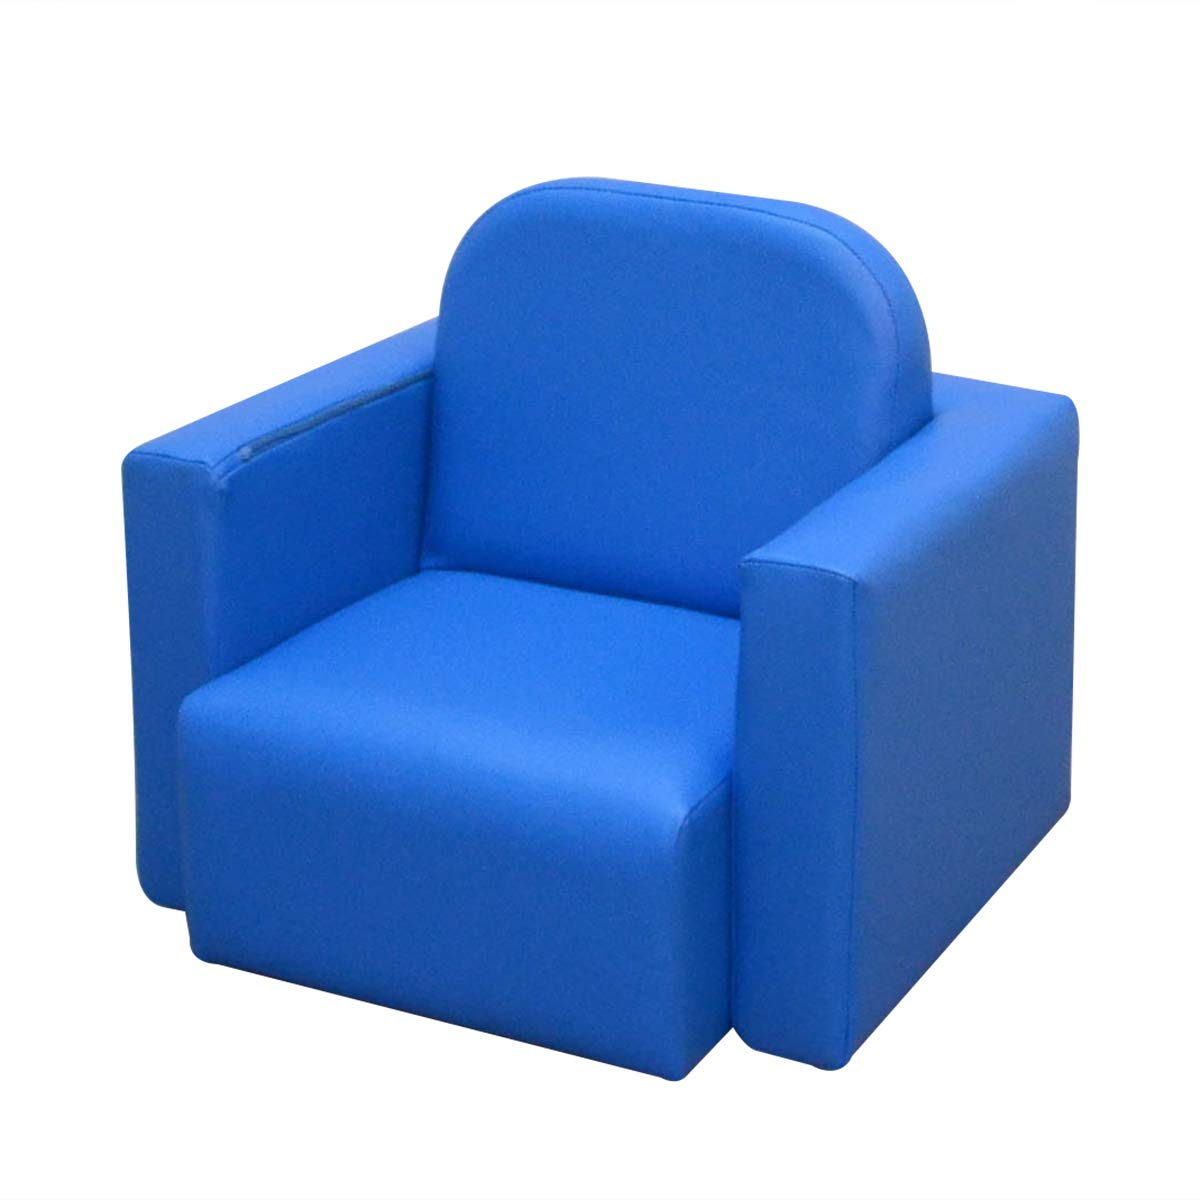 Homcom Tisch 2 In 1 Kindersofa Tisch Homcom Und Stuhl Mini Sessel